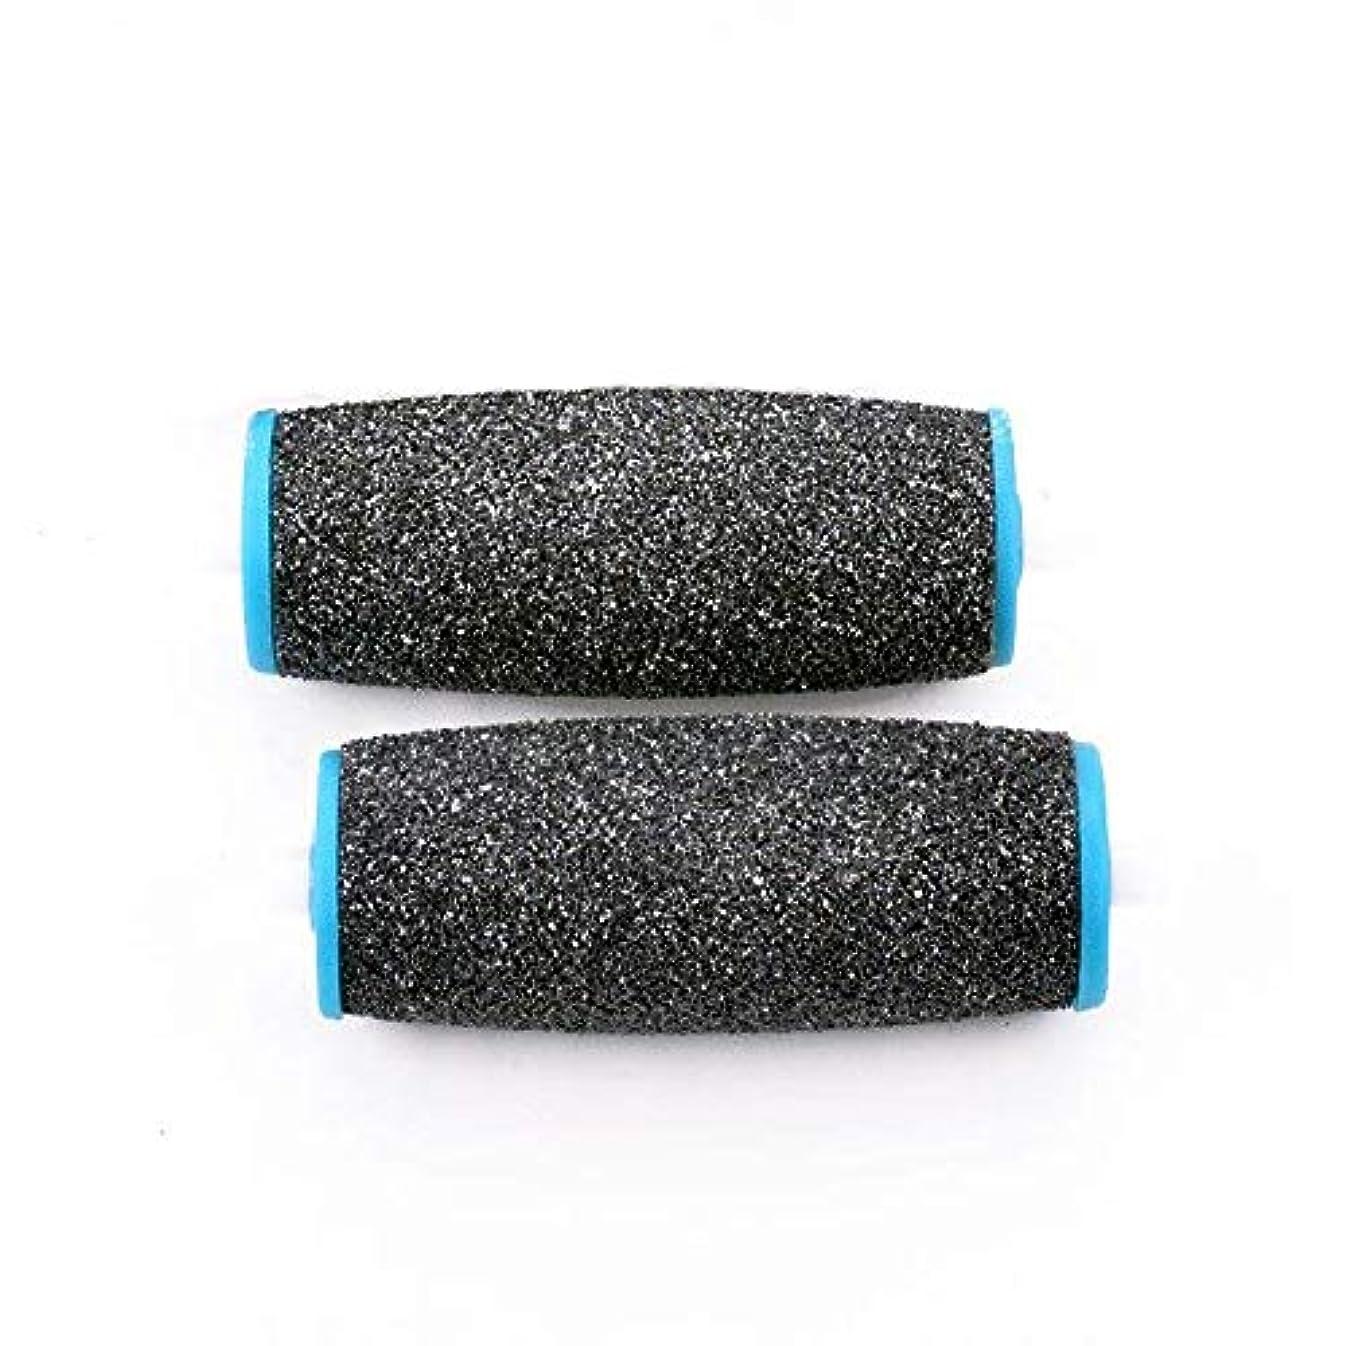 役割冷凍庫くびれたViffly ベルベットスムーズ 電動角質リムーバー ダイヤモンド リフィル エキストラ かたい角質用 2個セット (ブラック+ブルー)